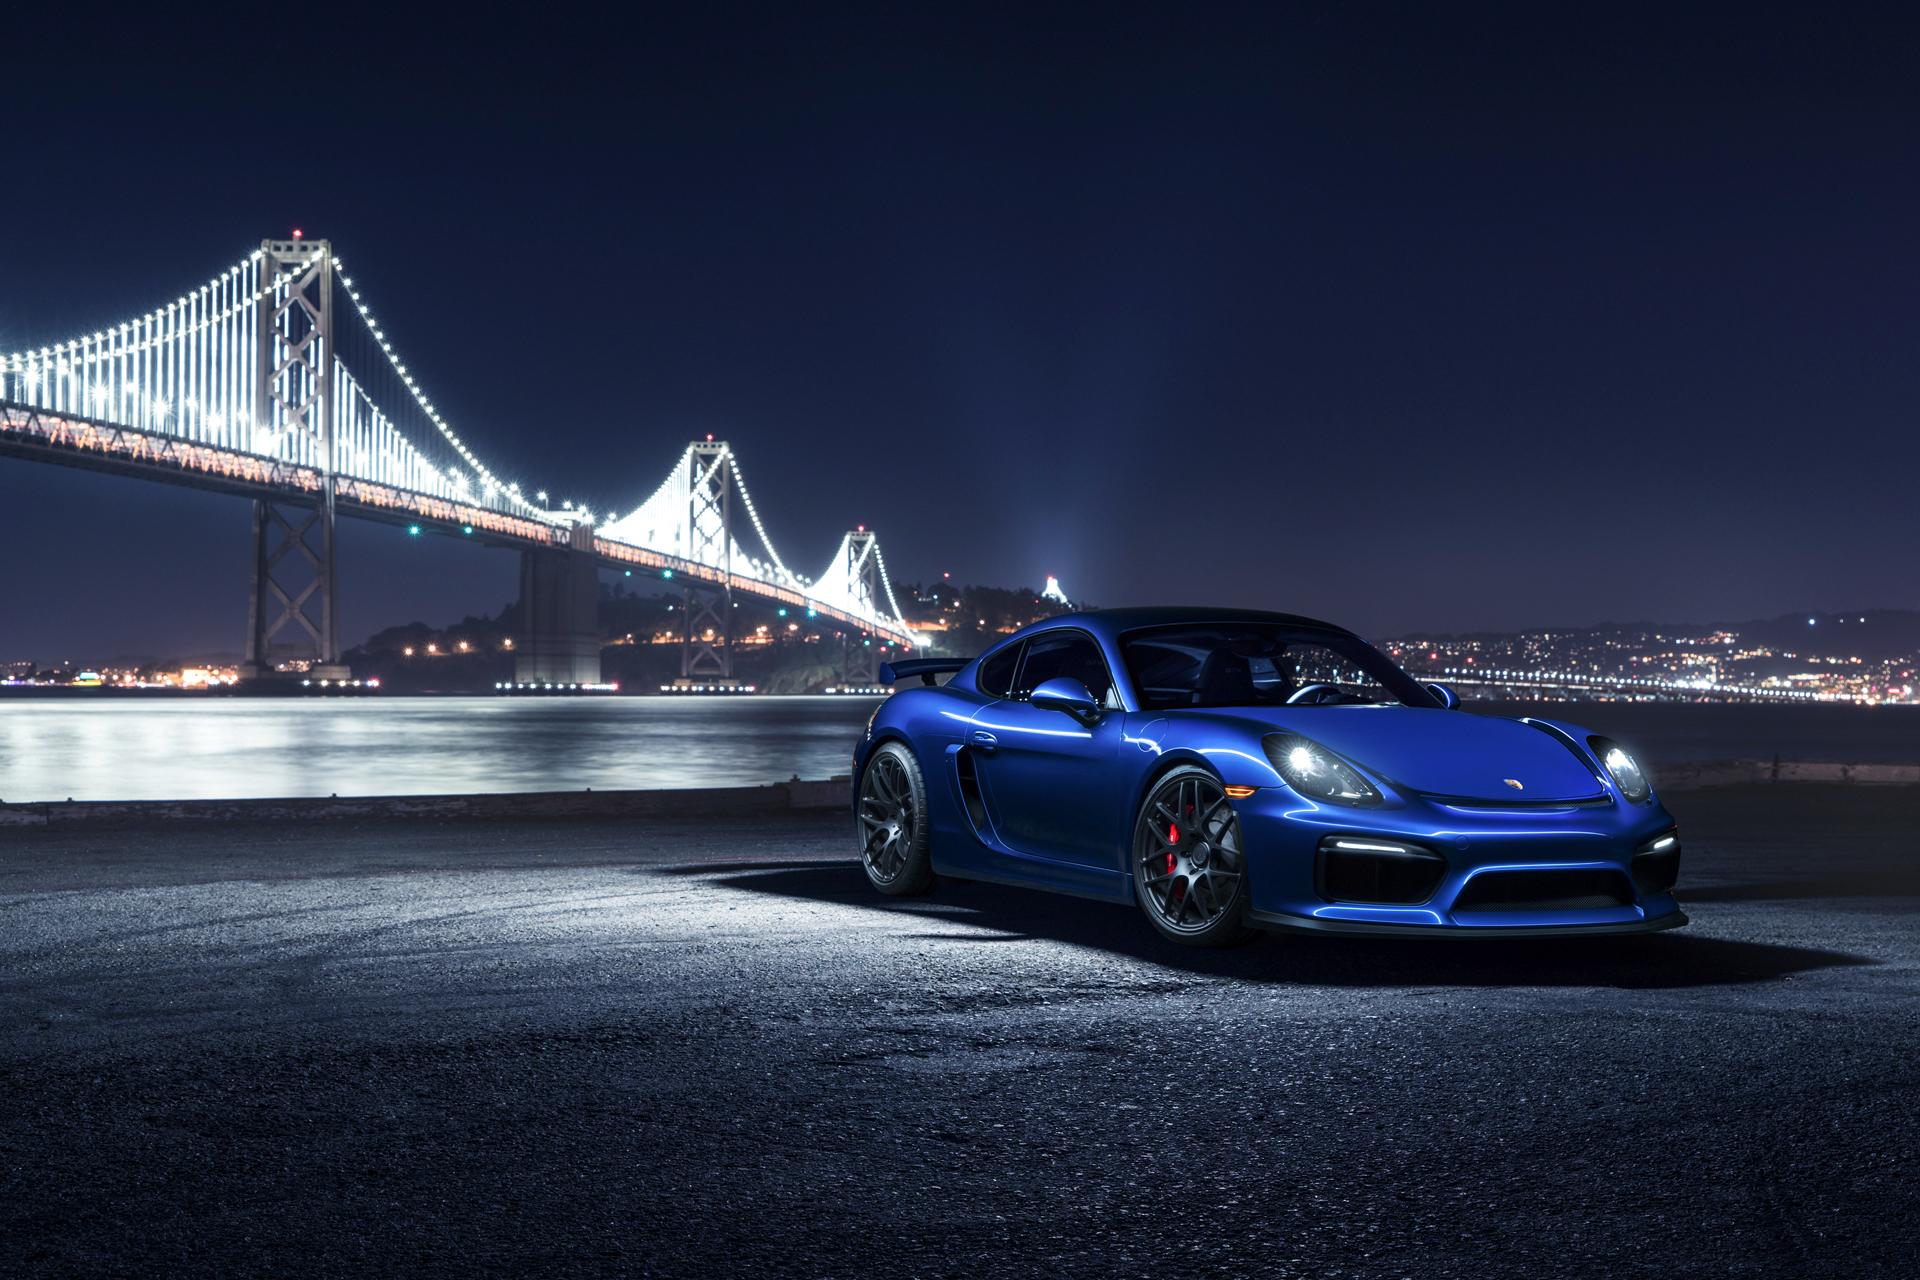 143059 Заставки и Обои Порш (Porsche) на телефон. Скачать Тачки (Cars), Порш (Porsche), Вид Сбоку, Cayman, Gt4 картинки бесплатно